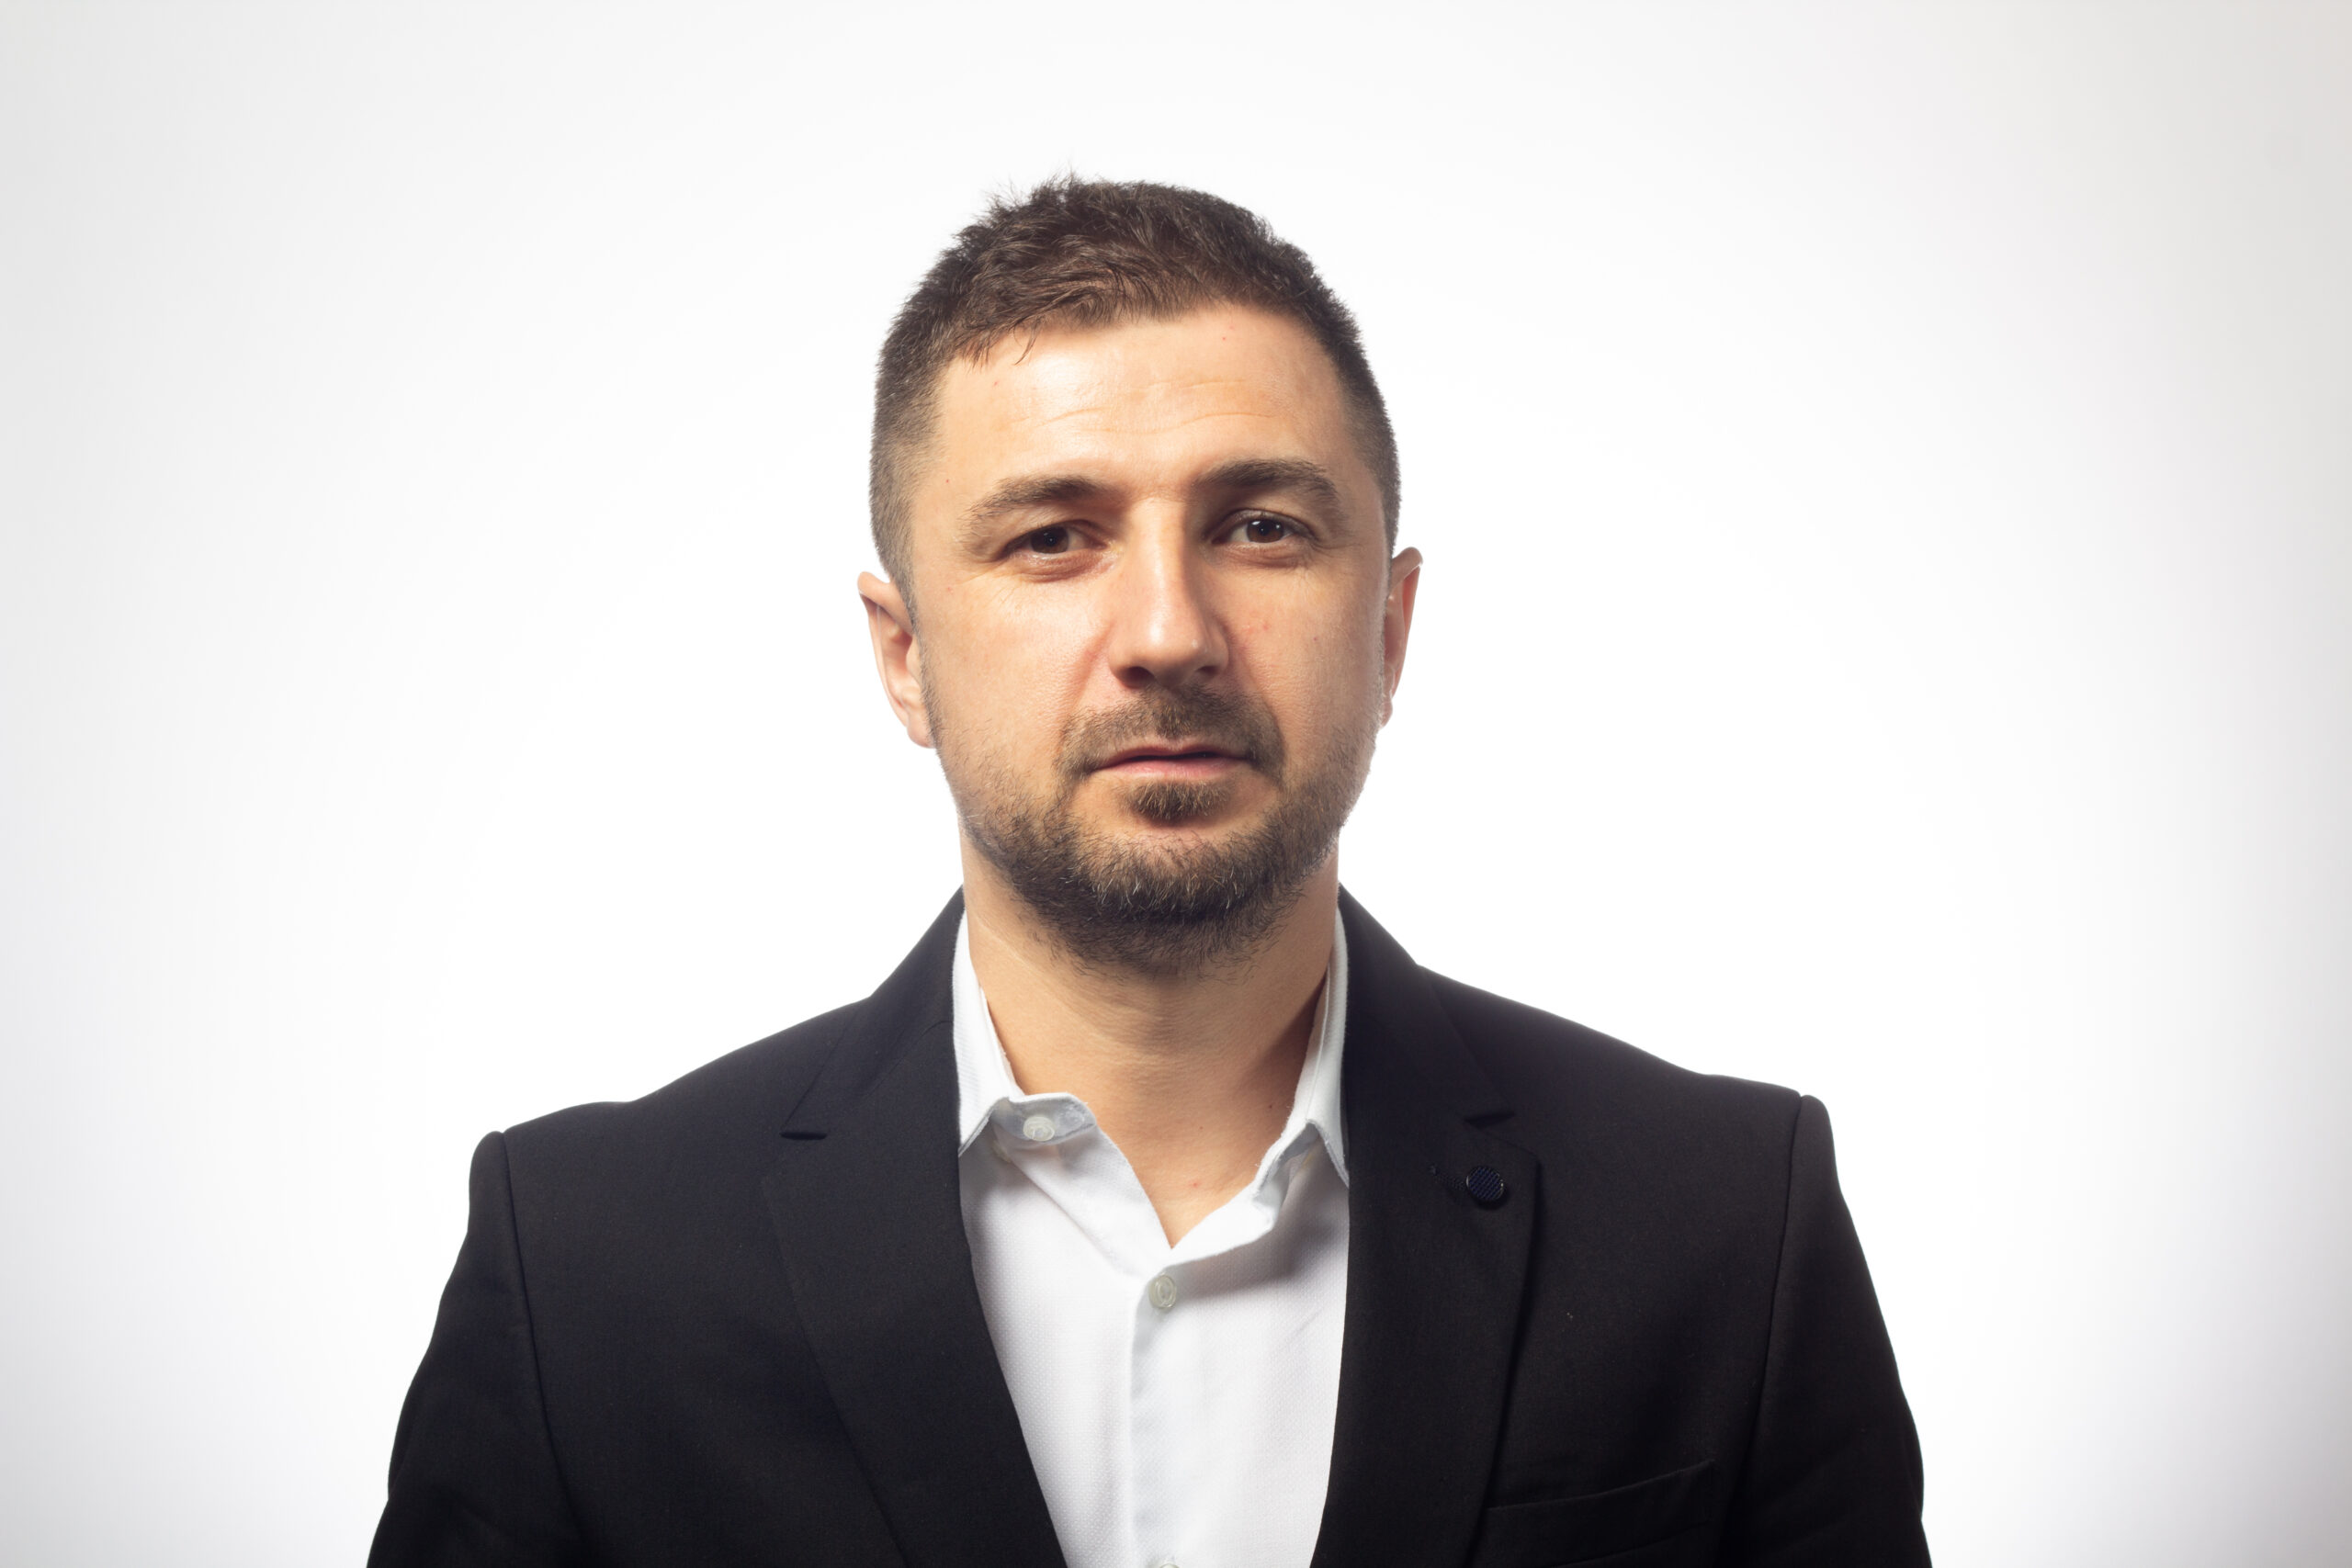 Laurențiu Cazan, coodonatorul din 10 august, a fost trimis în Prahova de USR și PNL – CURIERUL ROMÂNESC